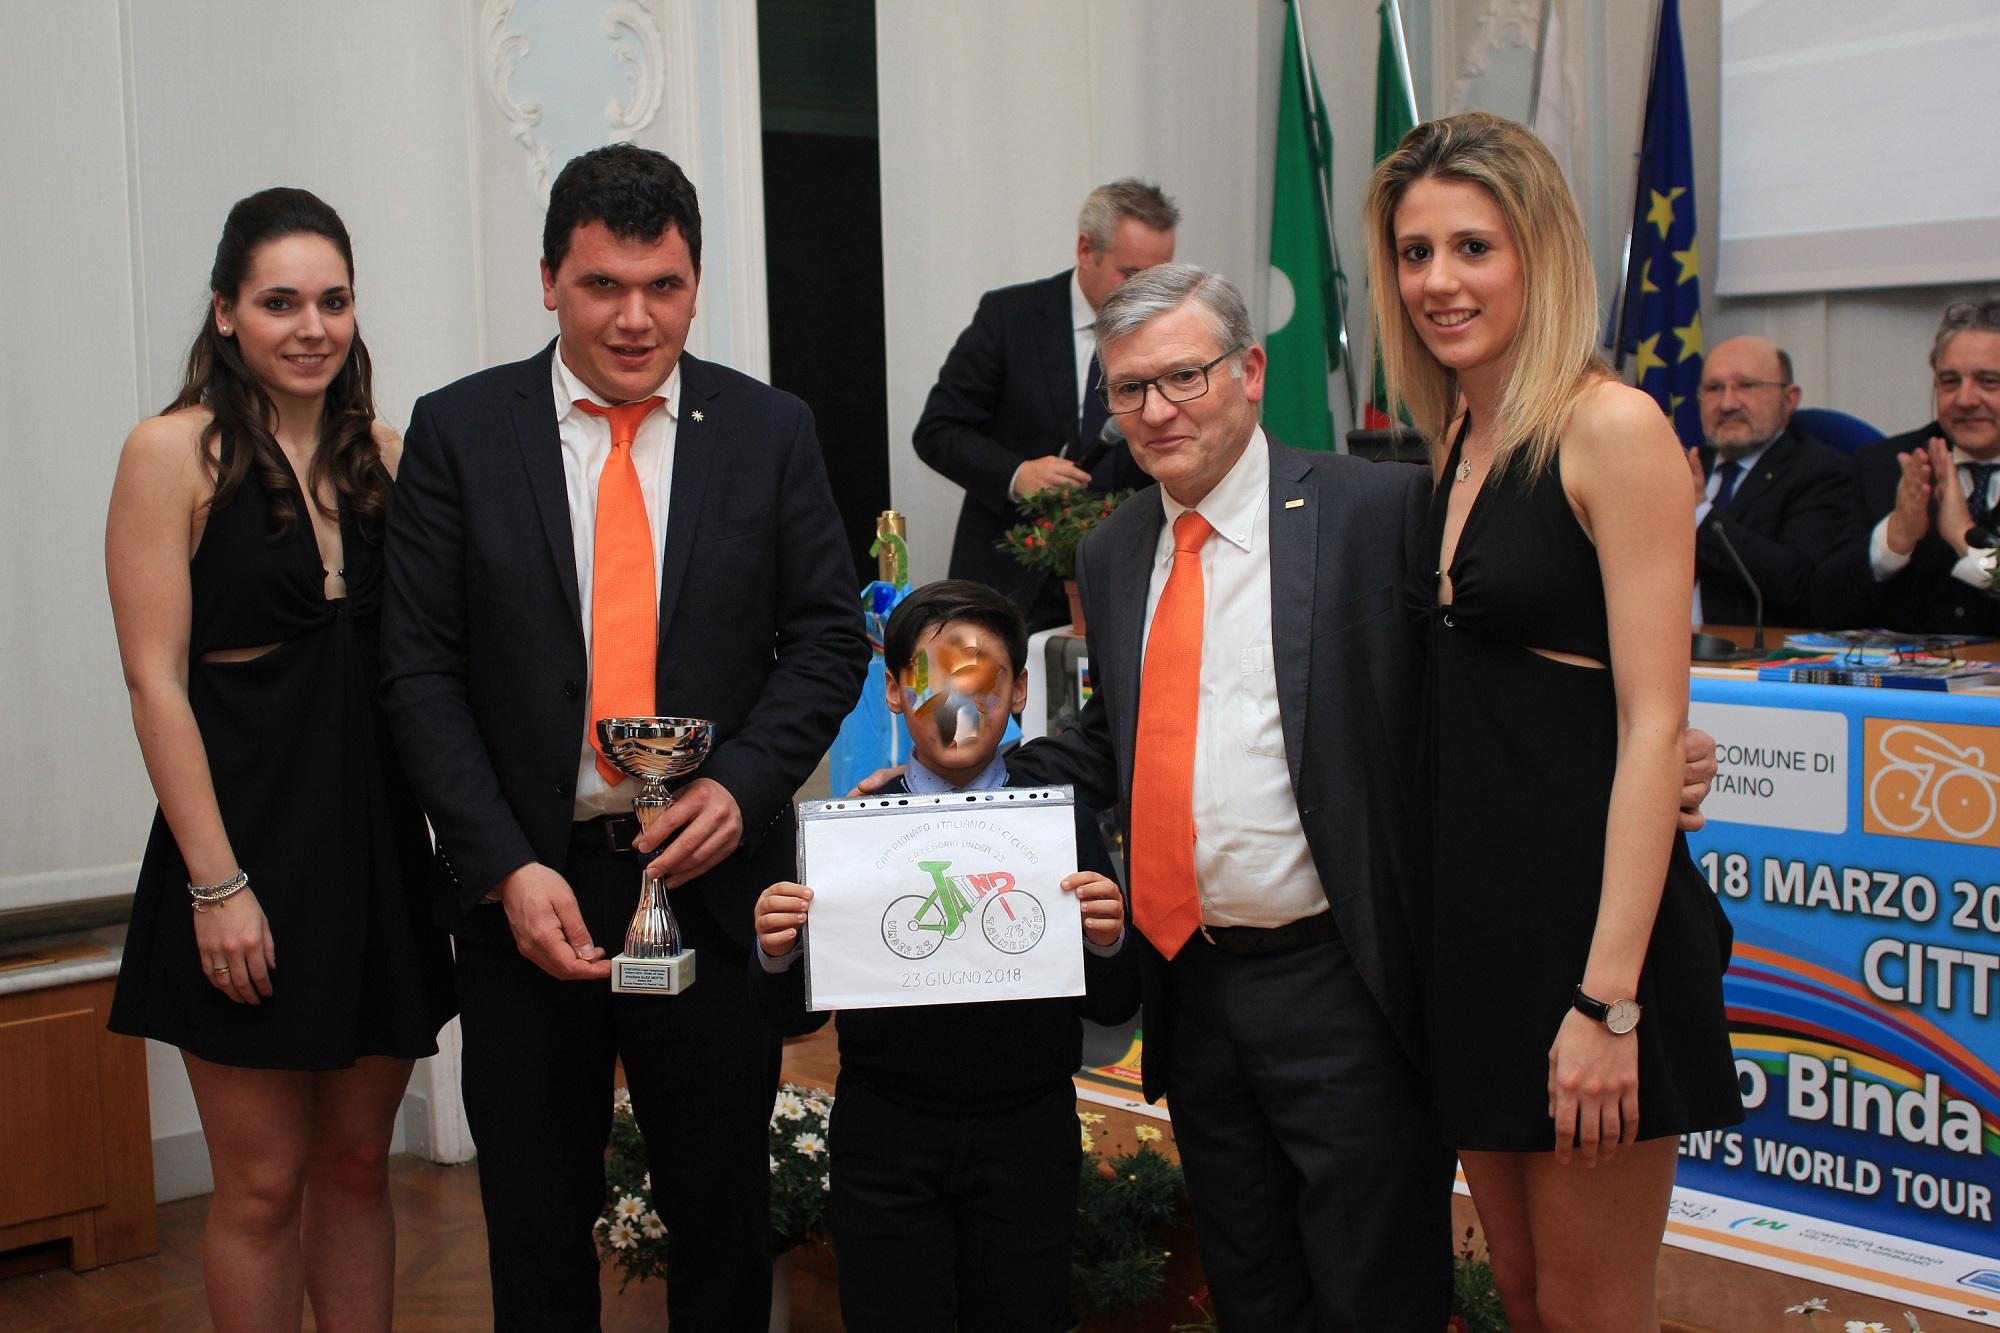 <!--:it-->Campionato Italiano Under 23: svelato il logo ufficiale, disegnato da un bambino di Taino (VA) <!--:-->